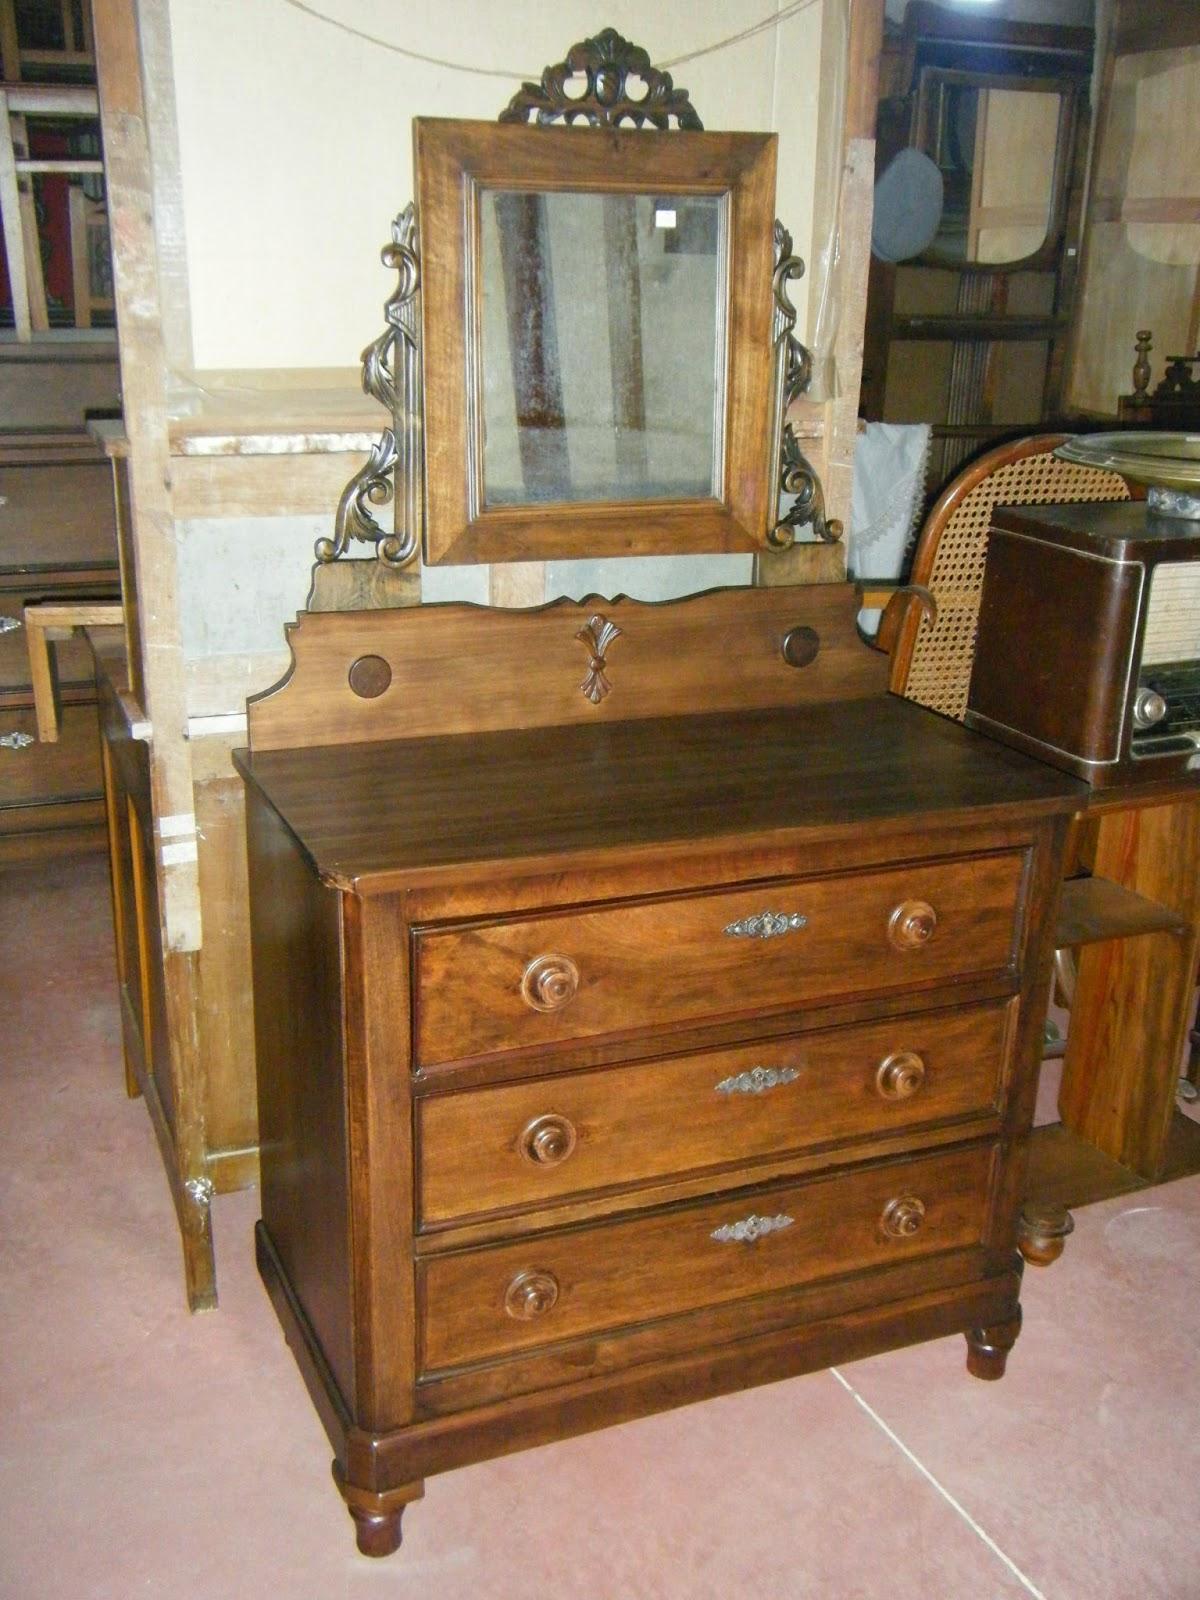 Antig edades almagro barnizados y lacados for Restaurar muebles lacados